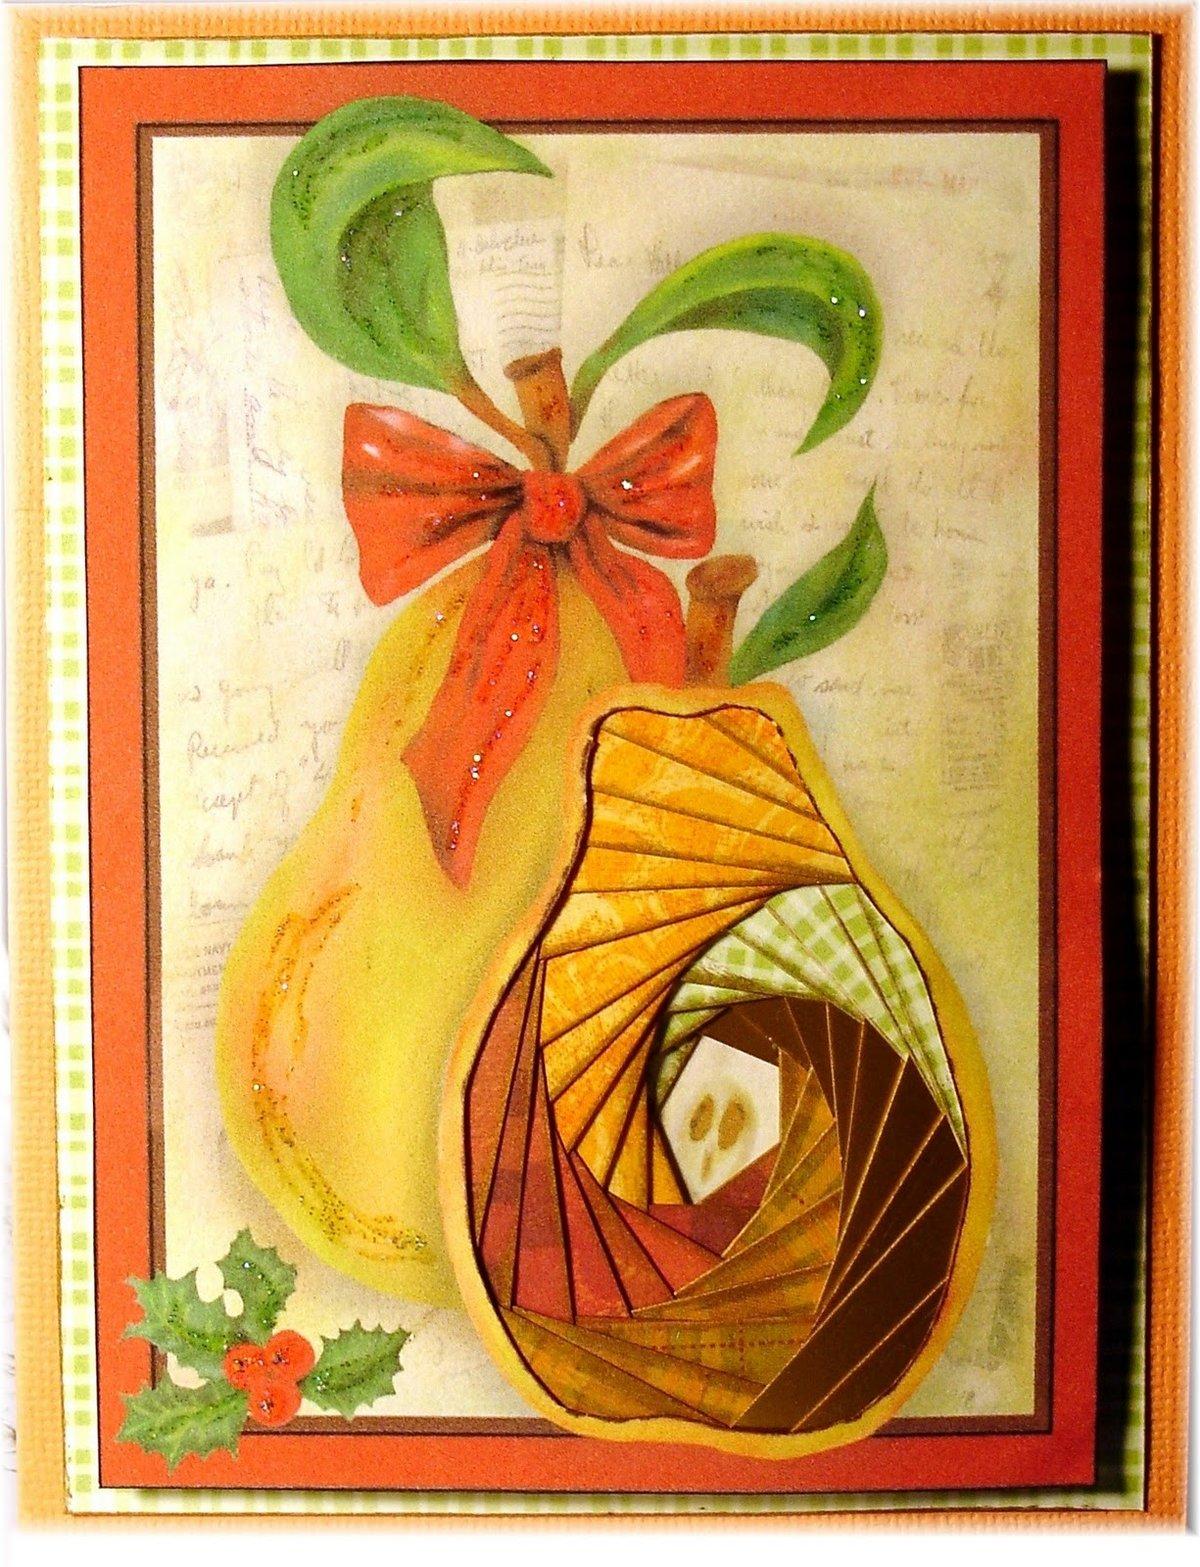 название открытка маме в стиле айрис фолдинг словам, обучение вузе